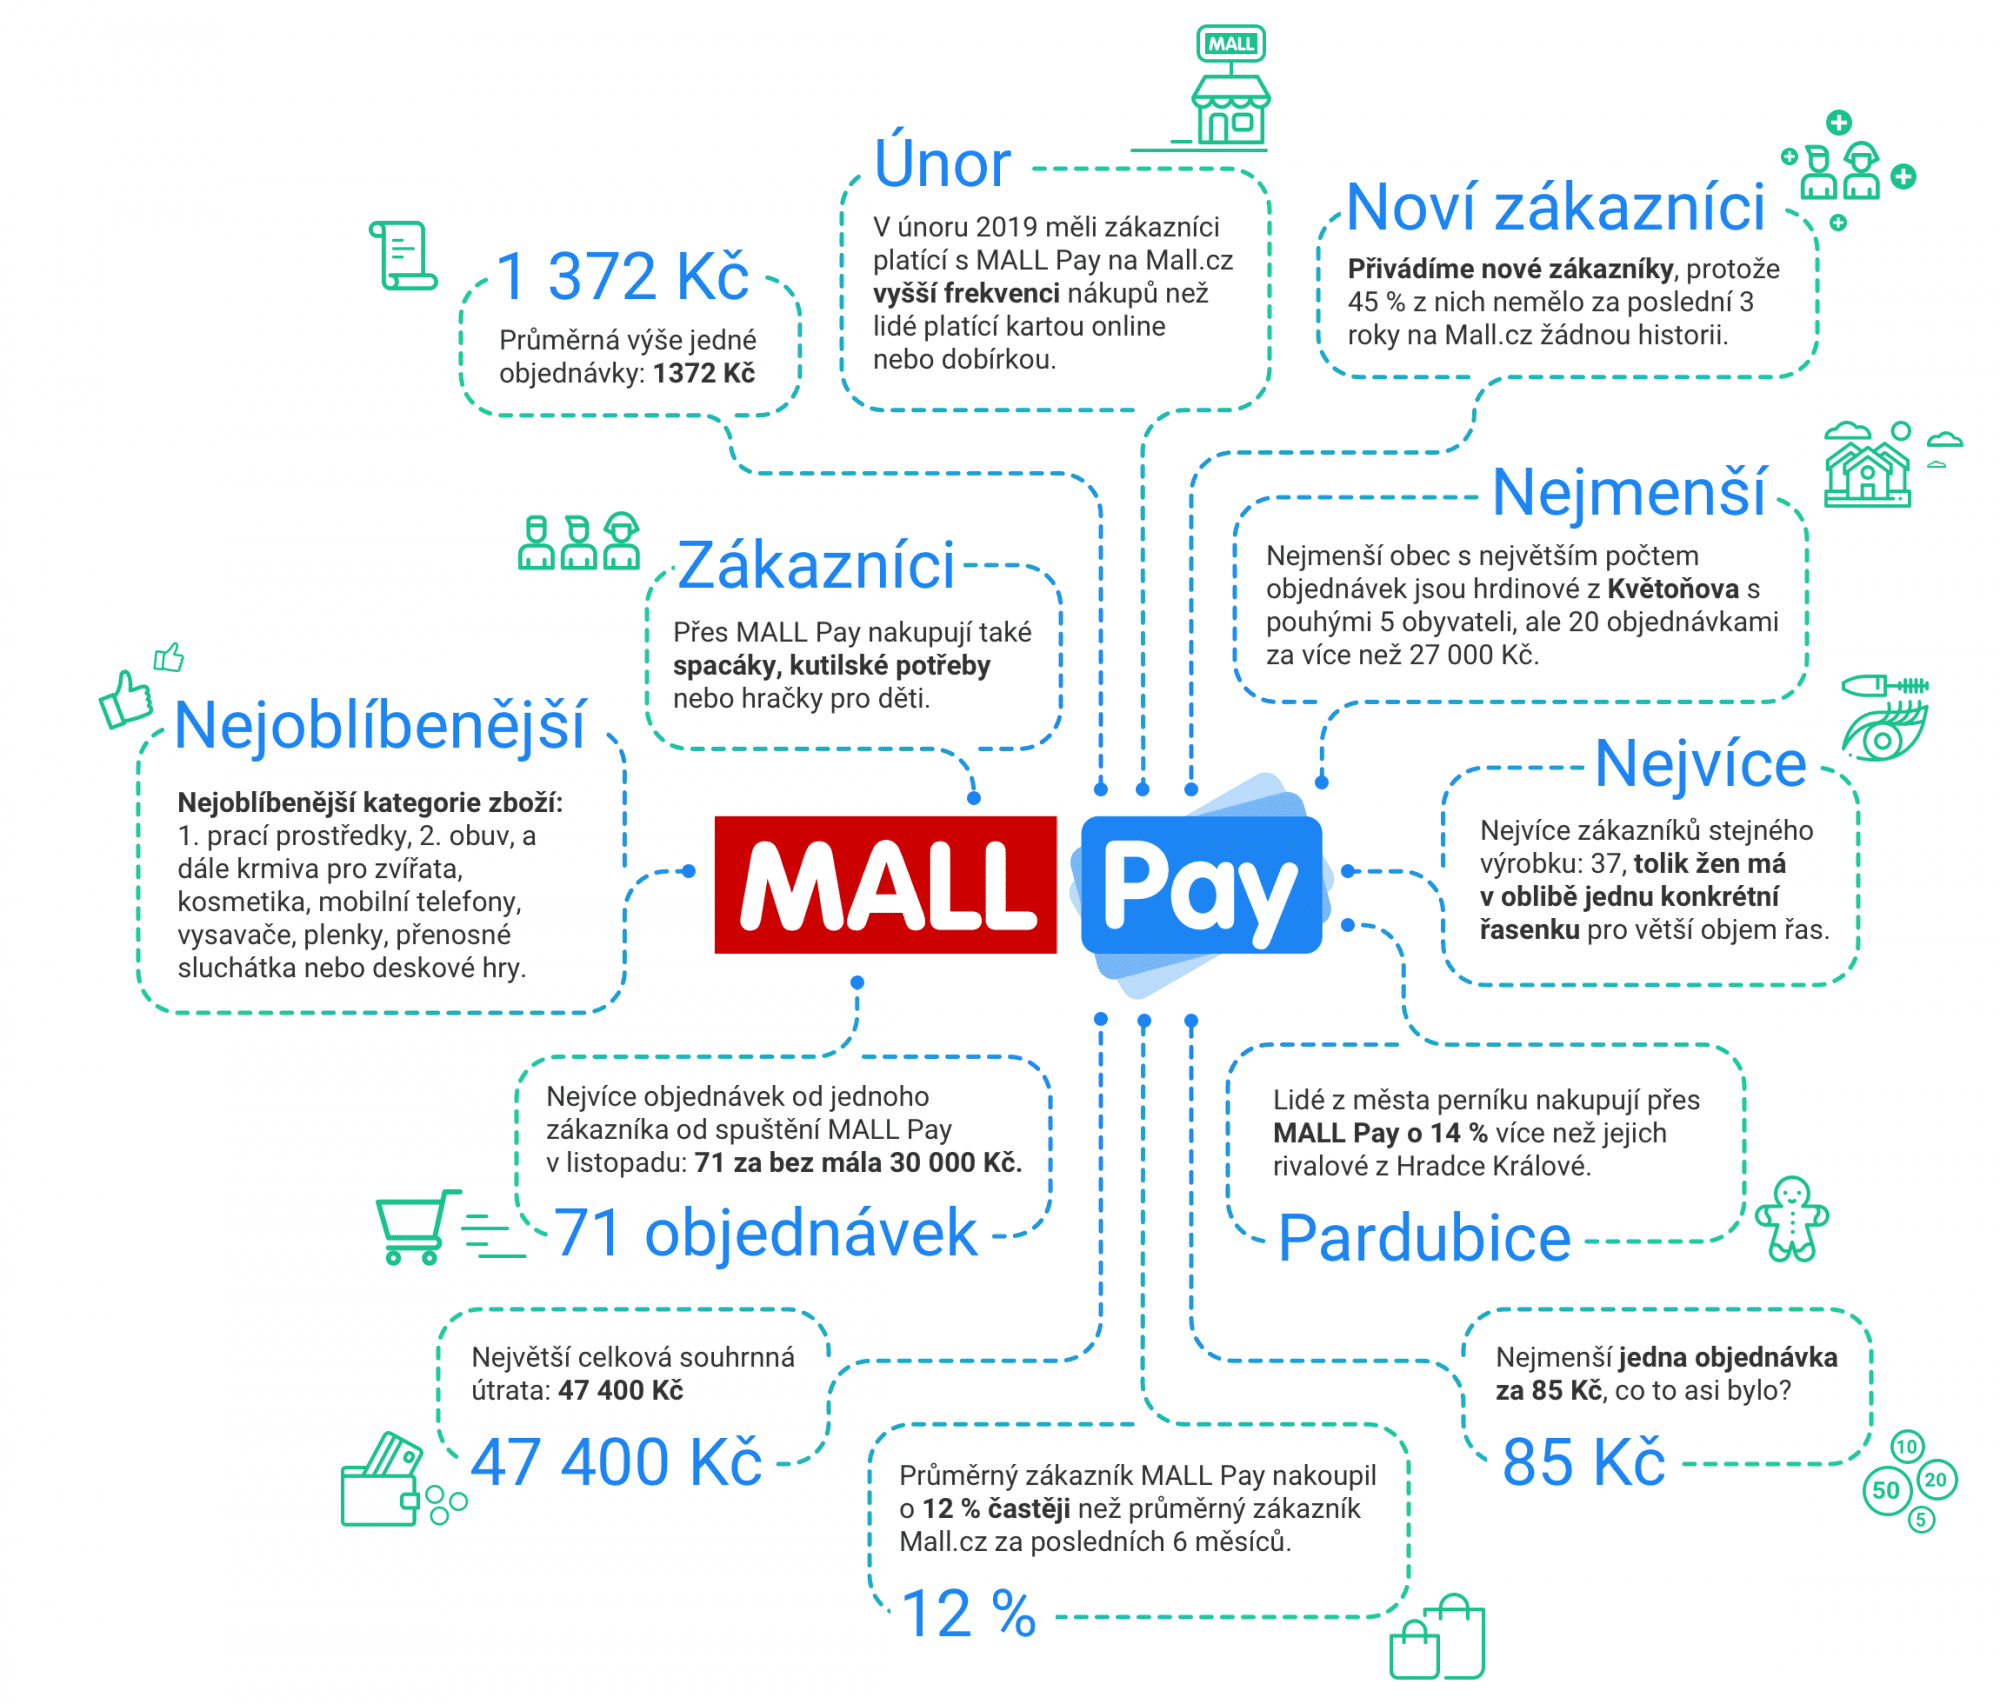 infografika mall pay